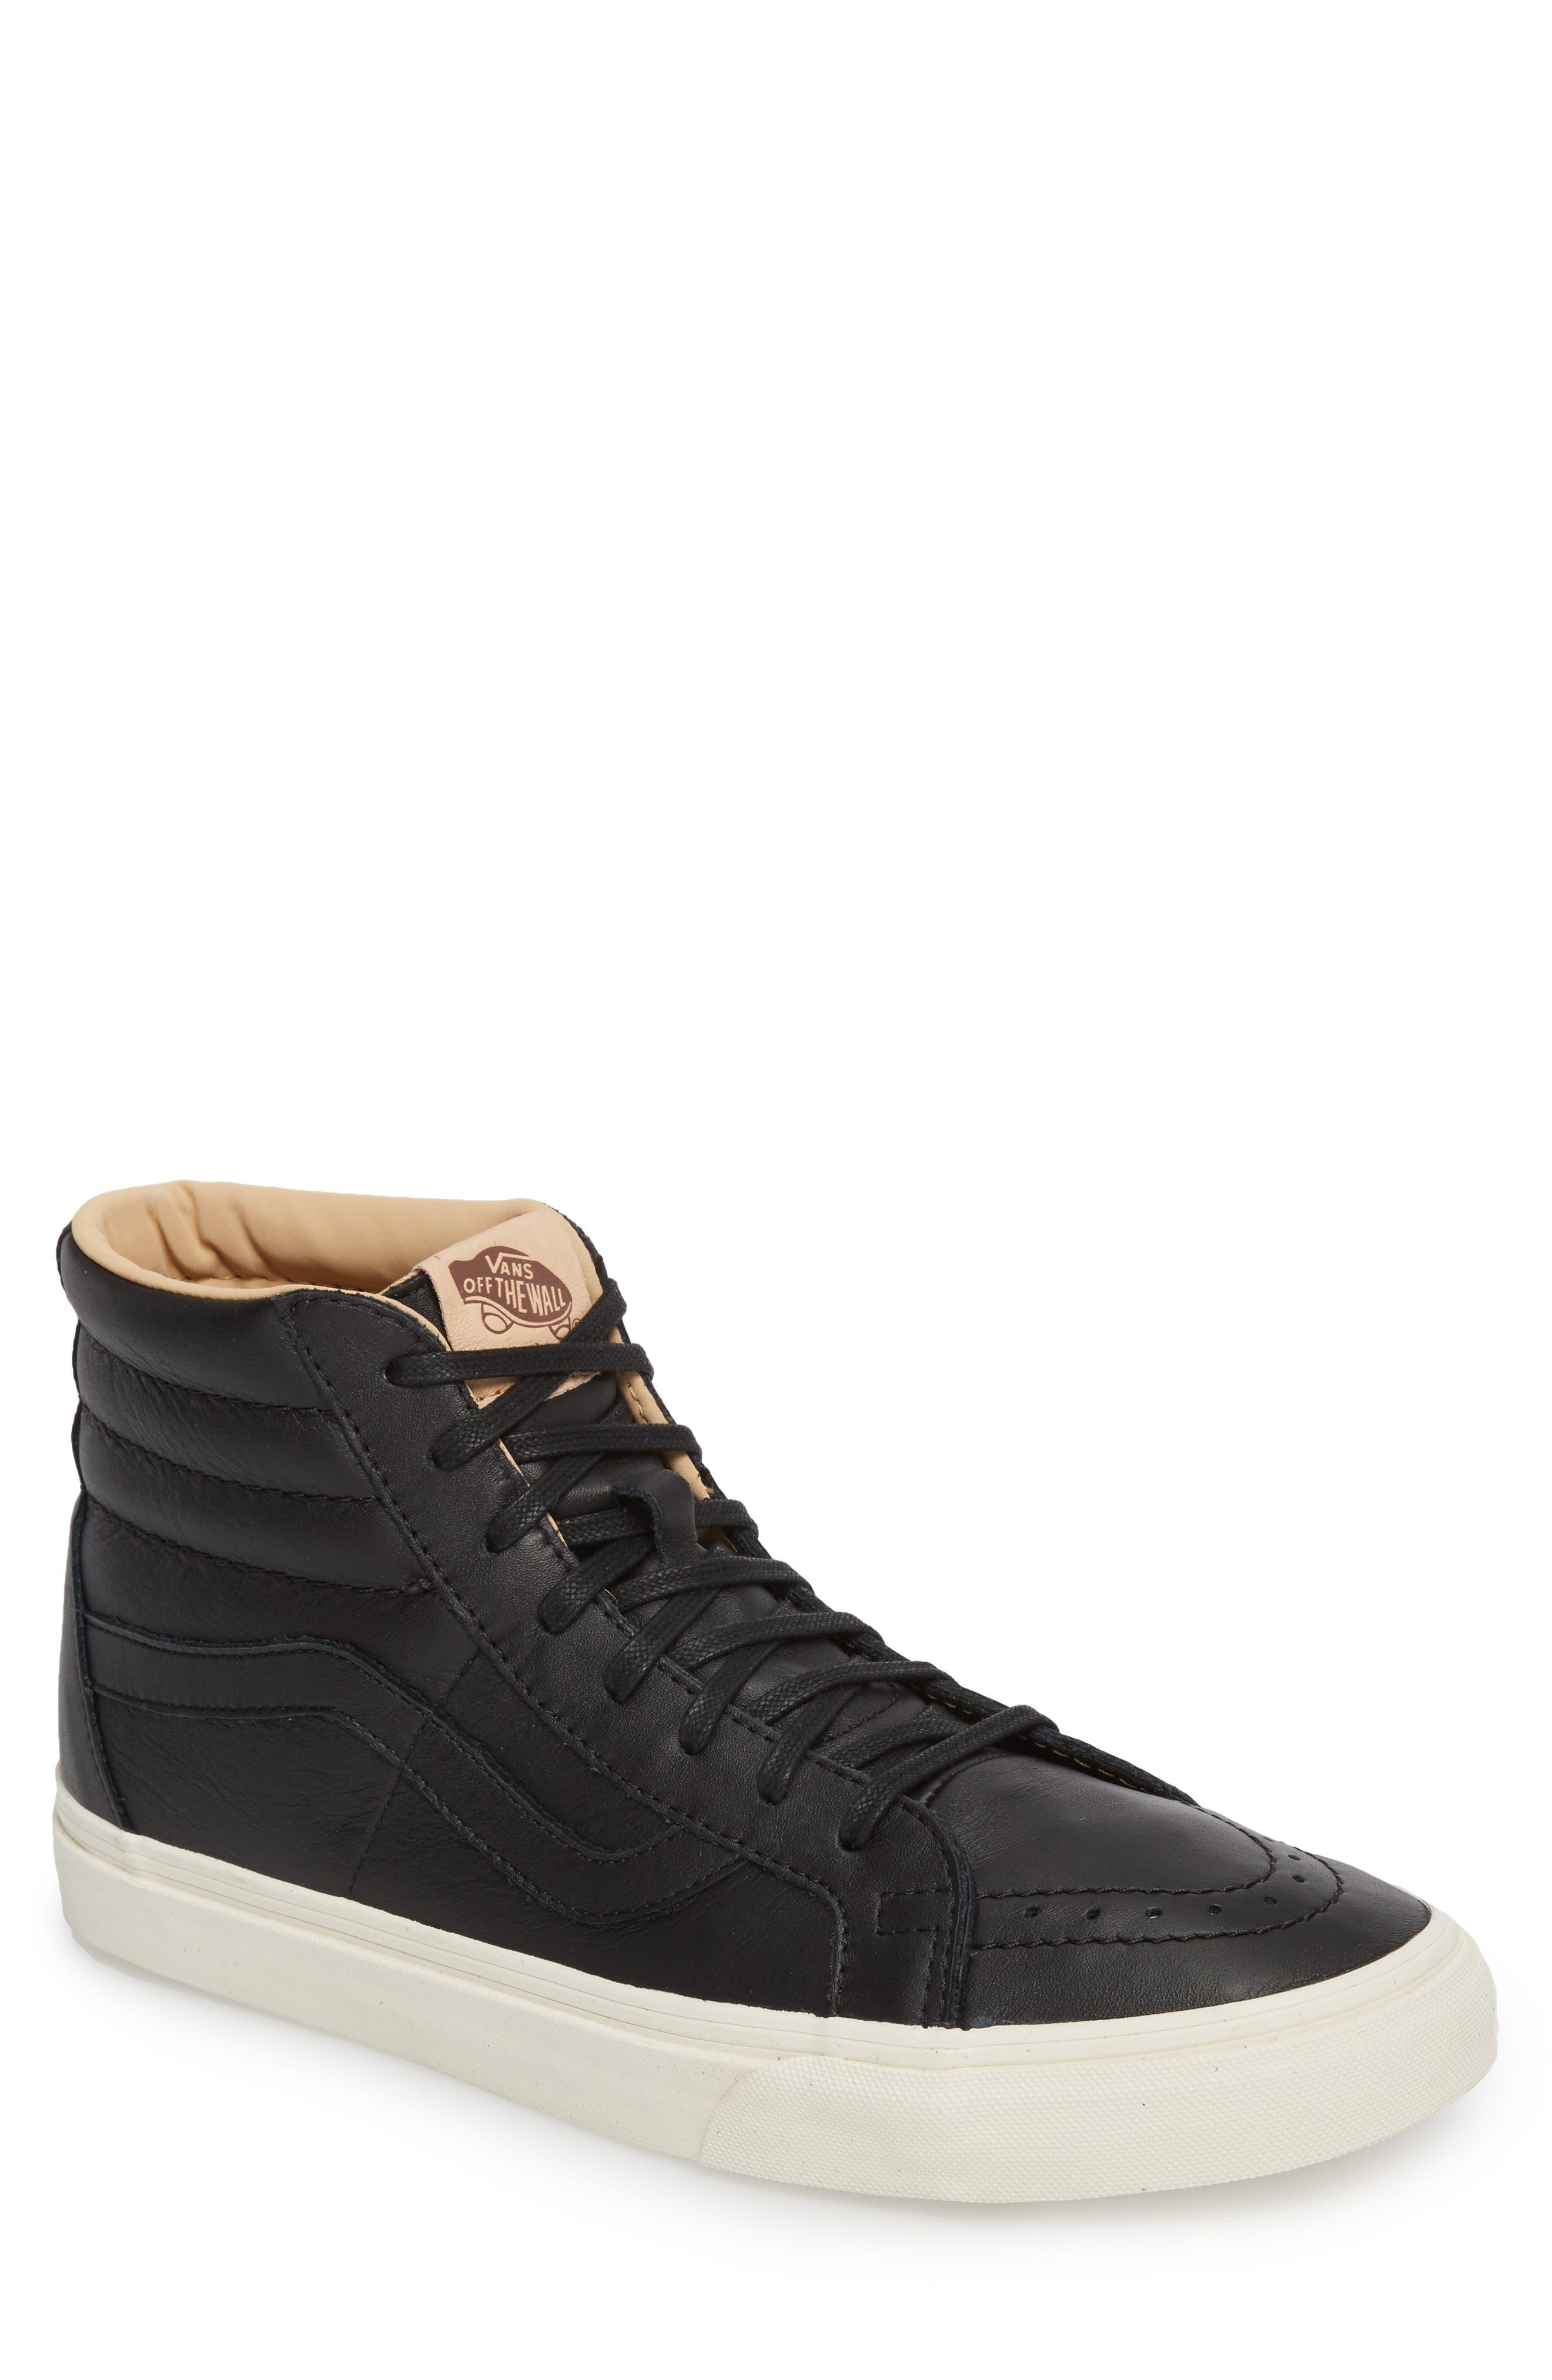 Vans Sk8-Hi Reissue Lux Sneaker (Men